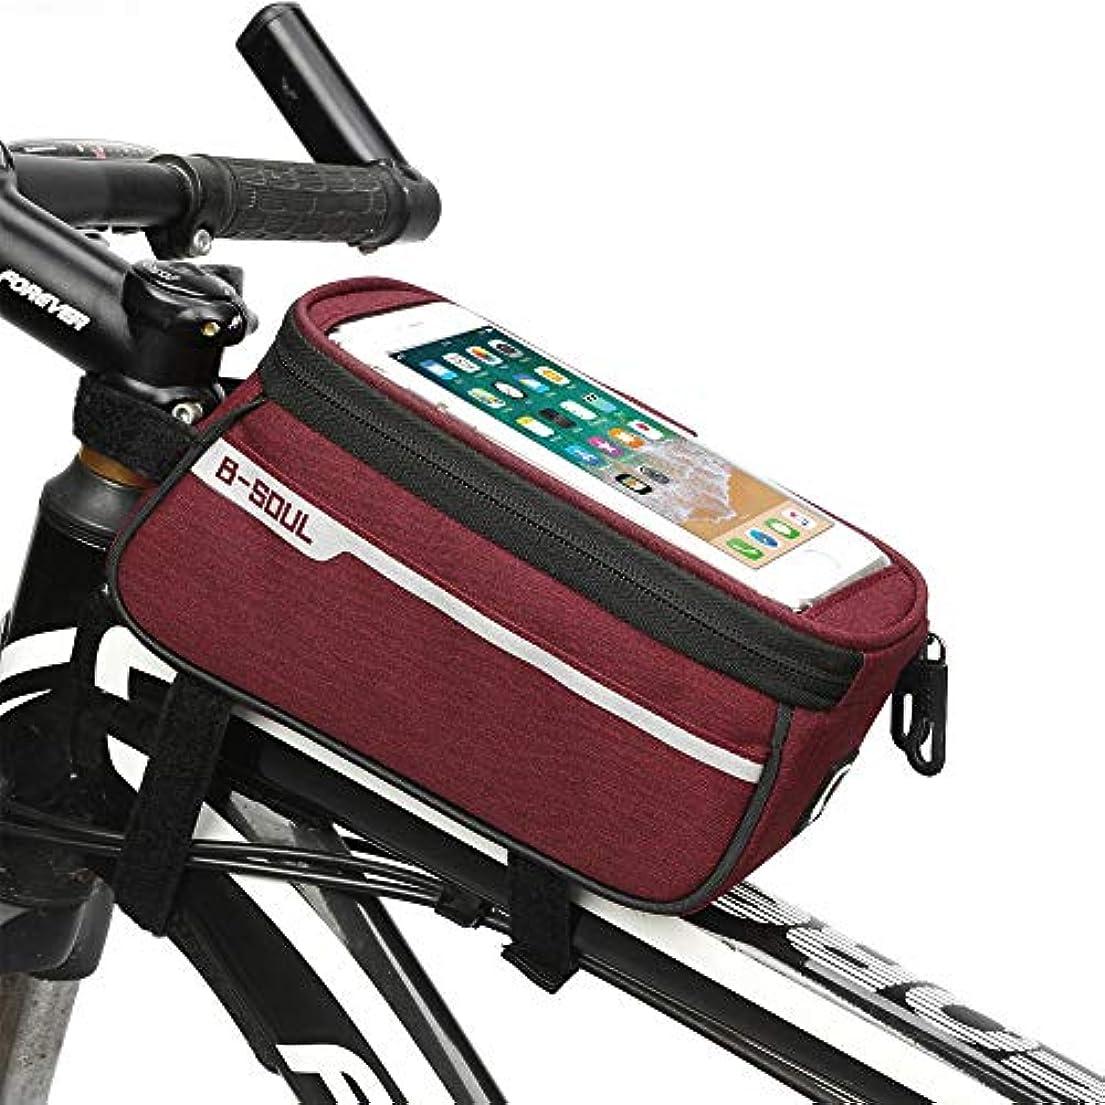 家具件名増幅器自転車フレームバッグ マウンテンバイクバッグフロントビームバッグ自転車バッグロードカーフロントバッグライド機器サドルバッグチューブバッグ 防水電話ホルダー (色 : 赤)